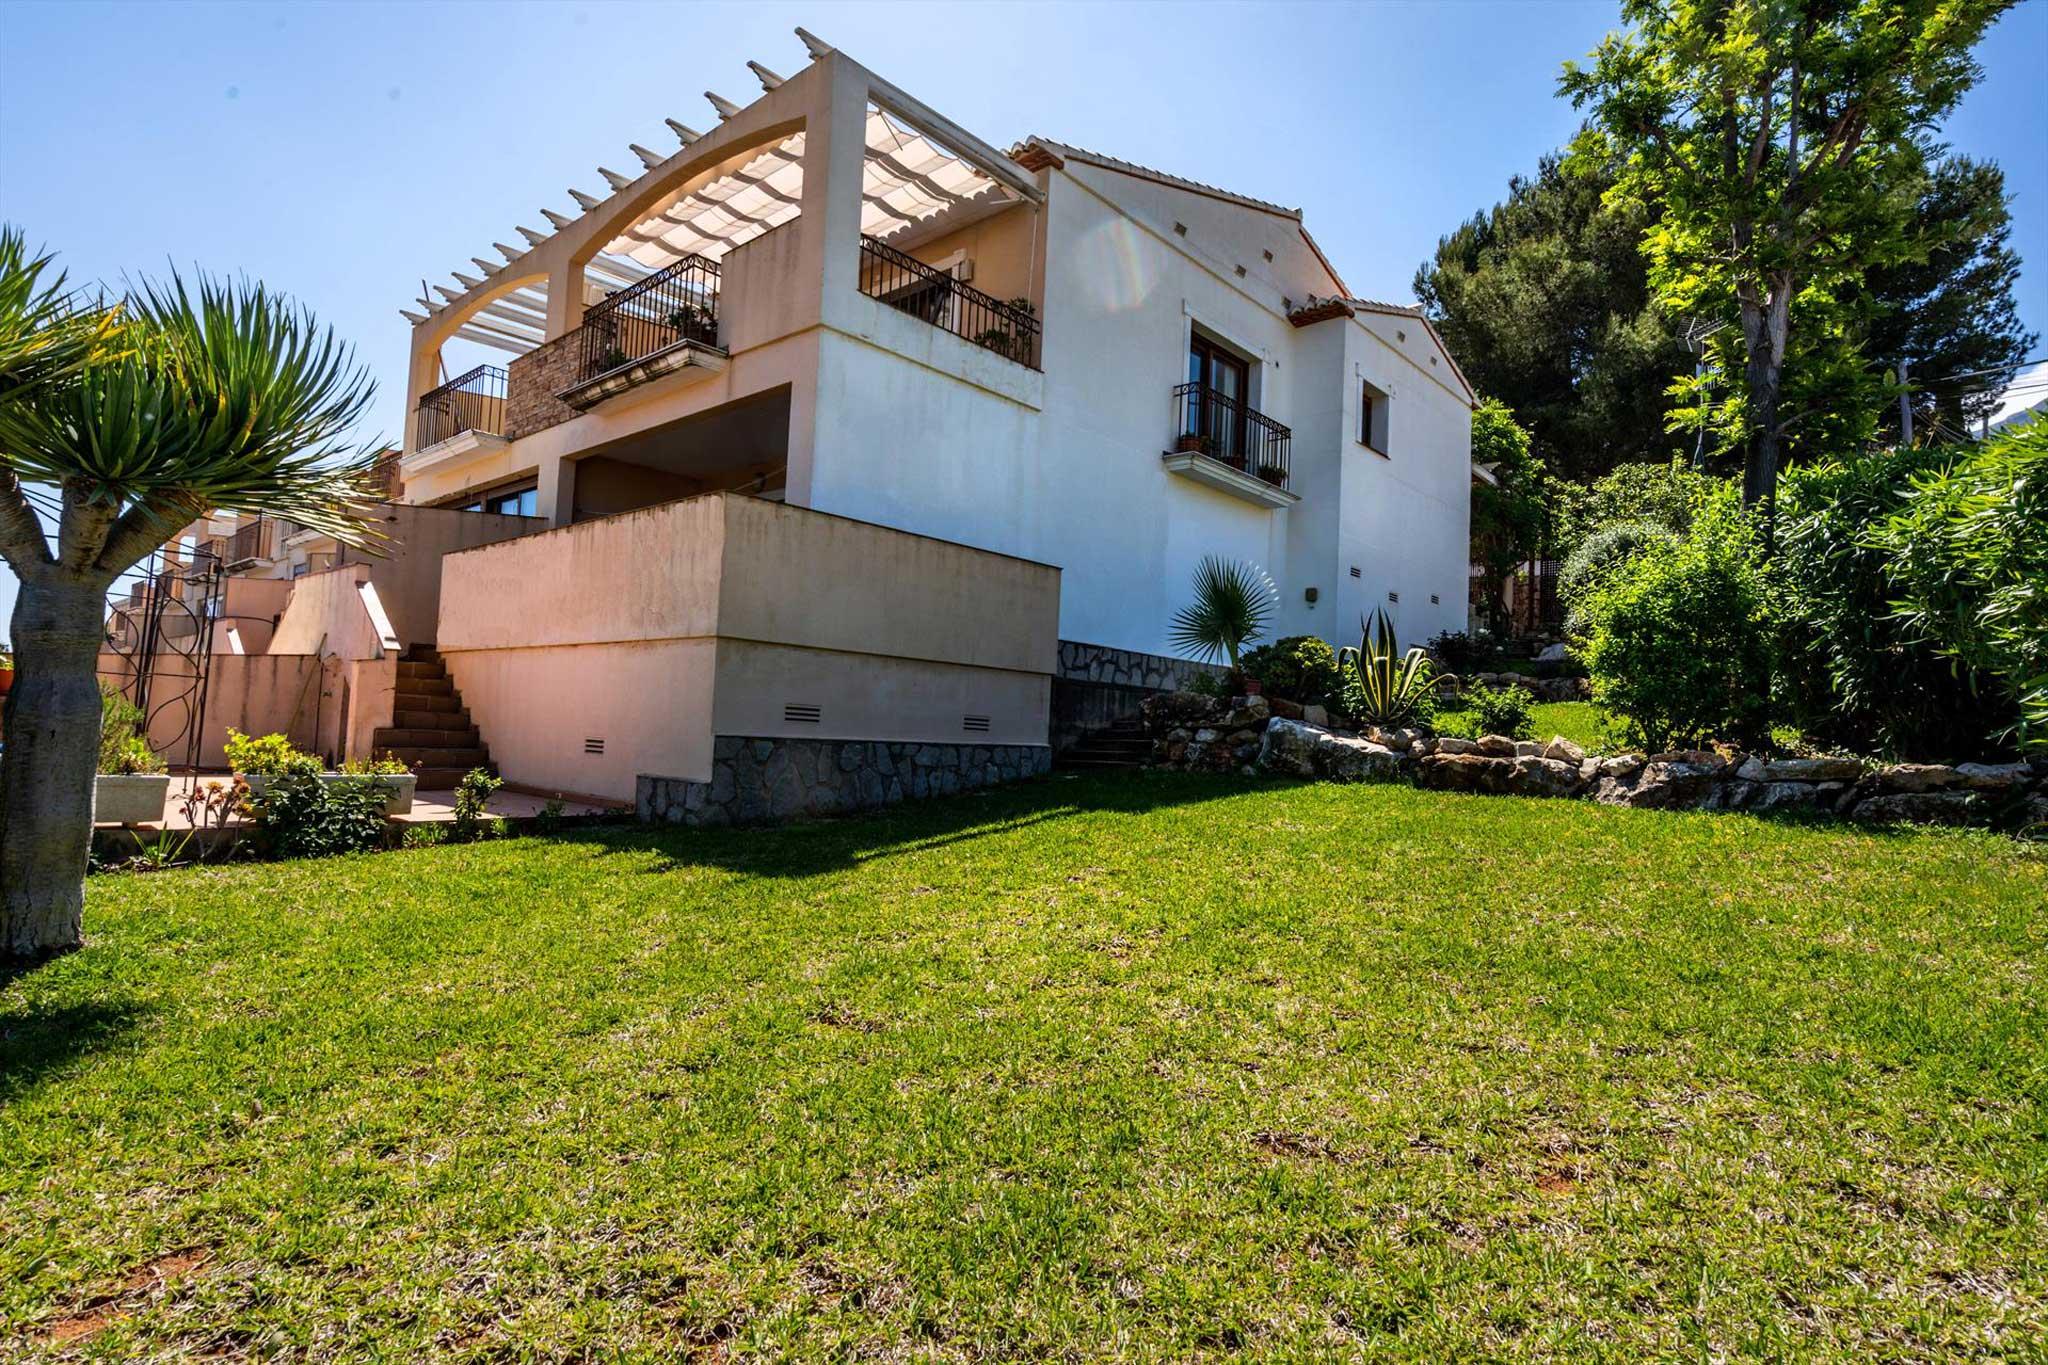 Casa con jardin privado Denia – Quality Rent a Villa